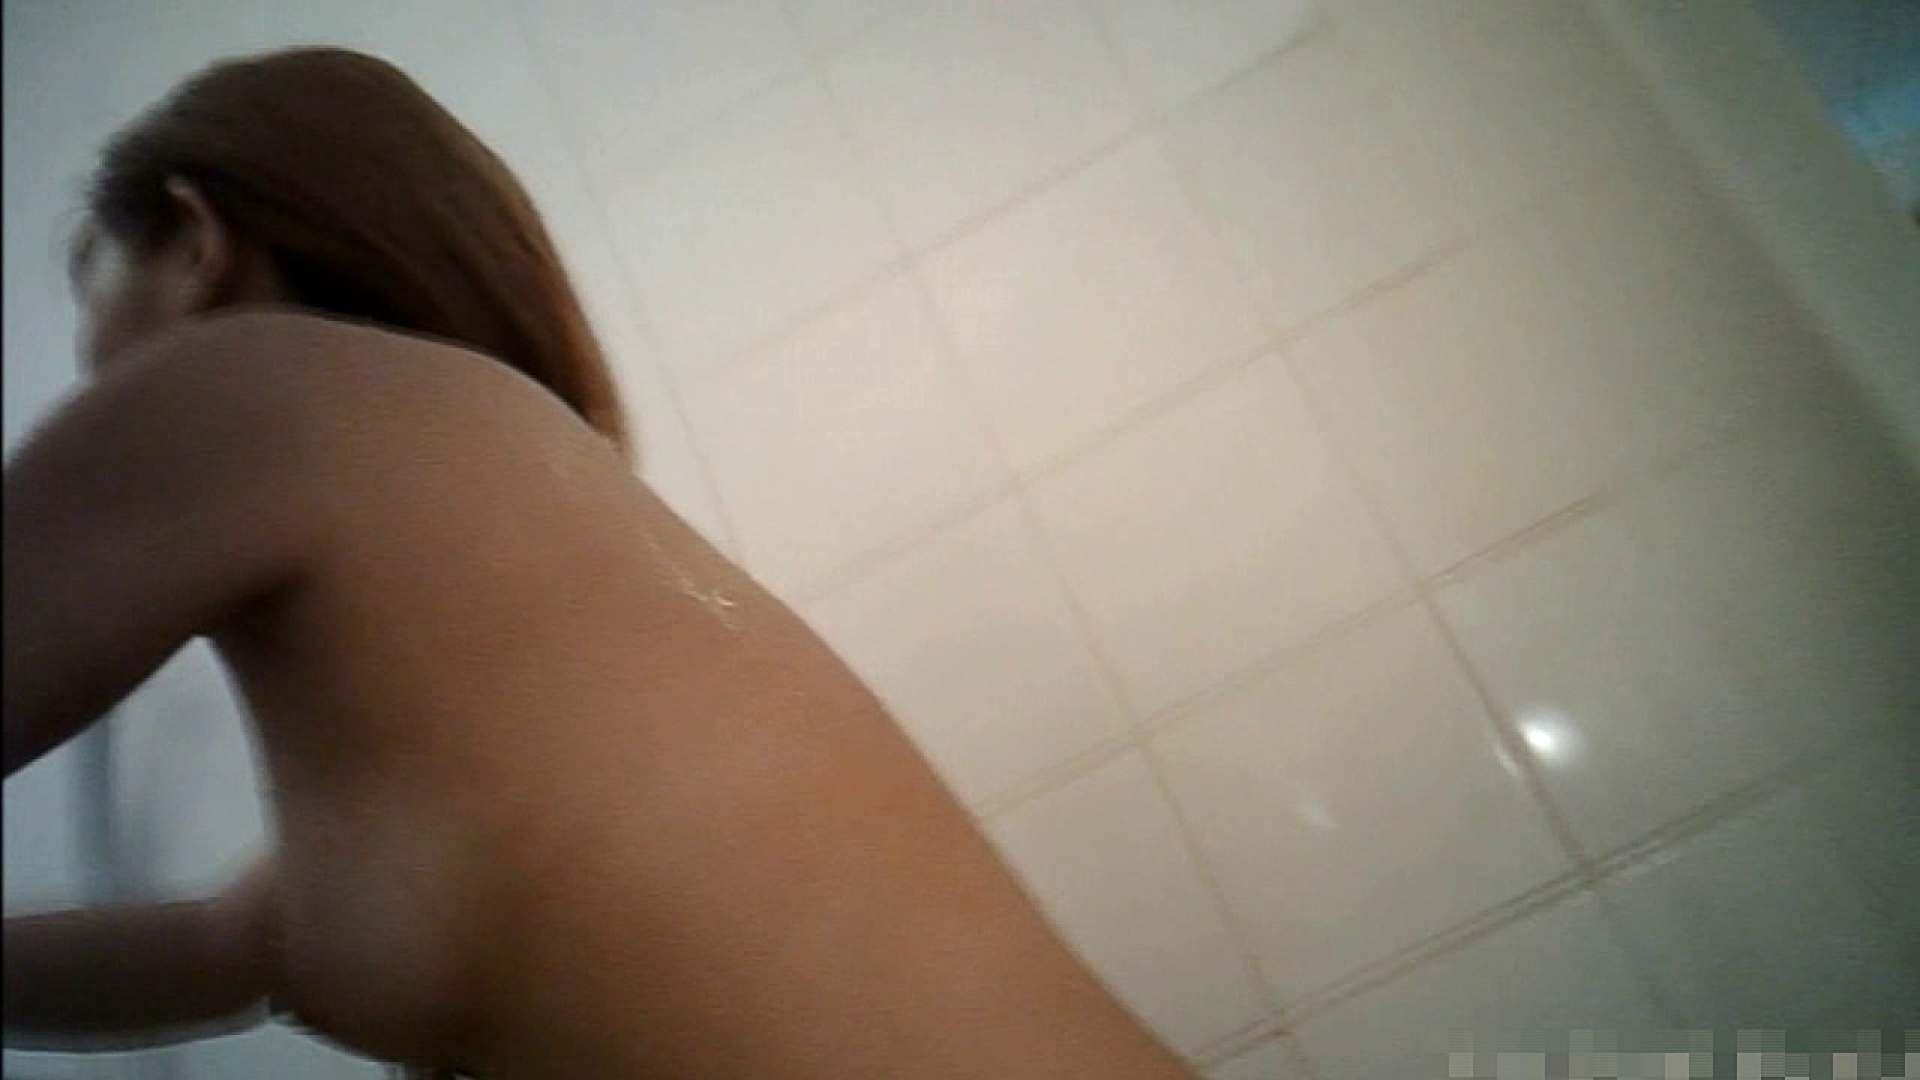 vol.7 【Mちゃん(入浴)】ブランド品査定士19歳 巨乳ギャル 知人 | 入浴  28連発 17